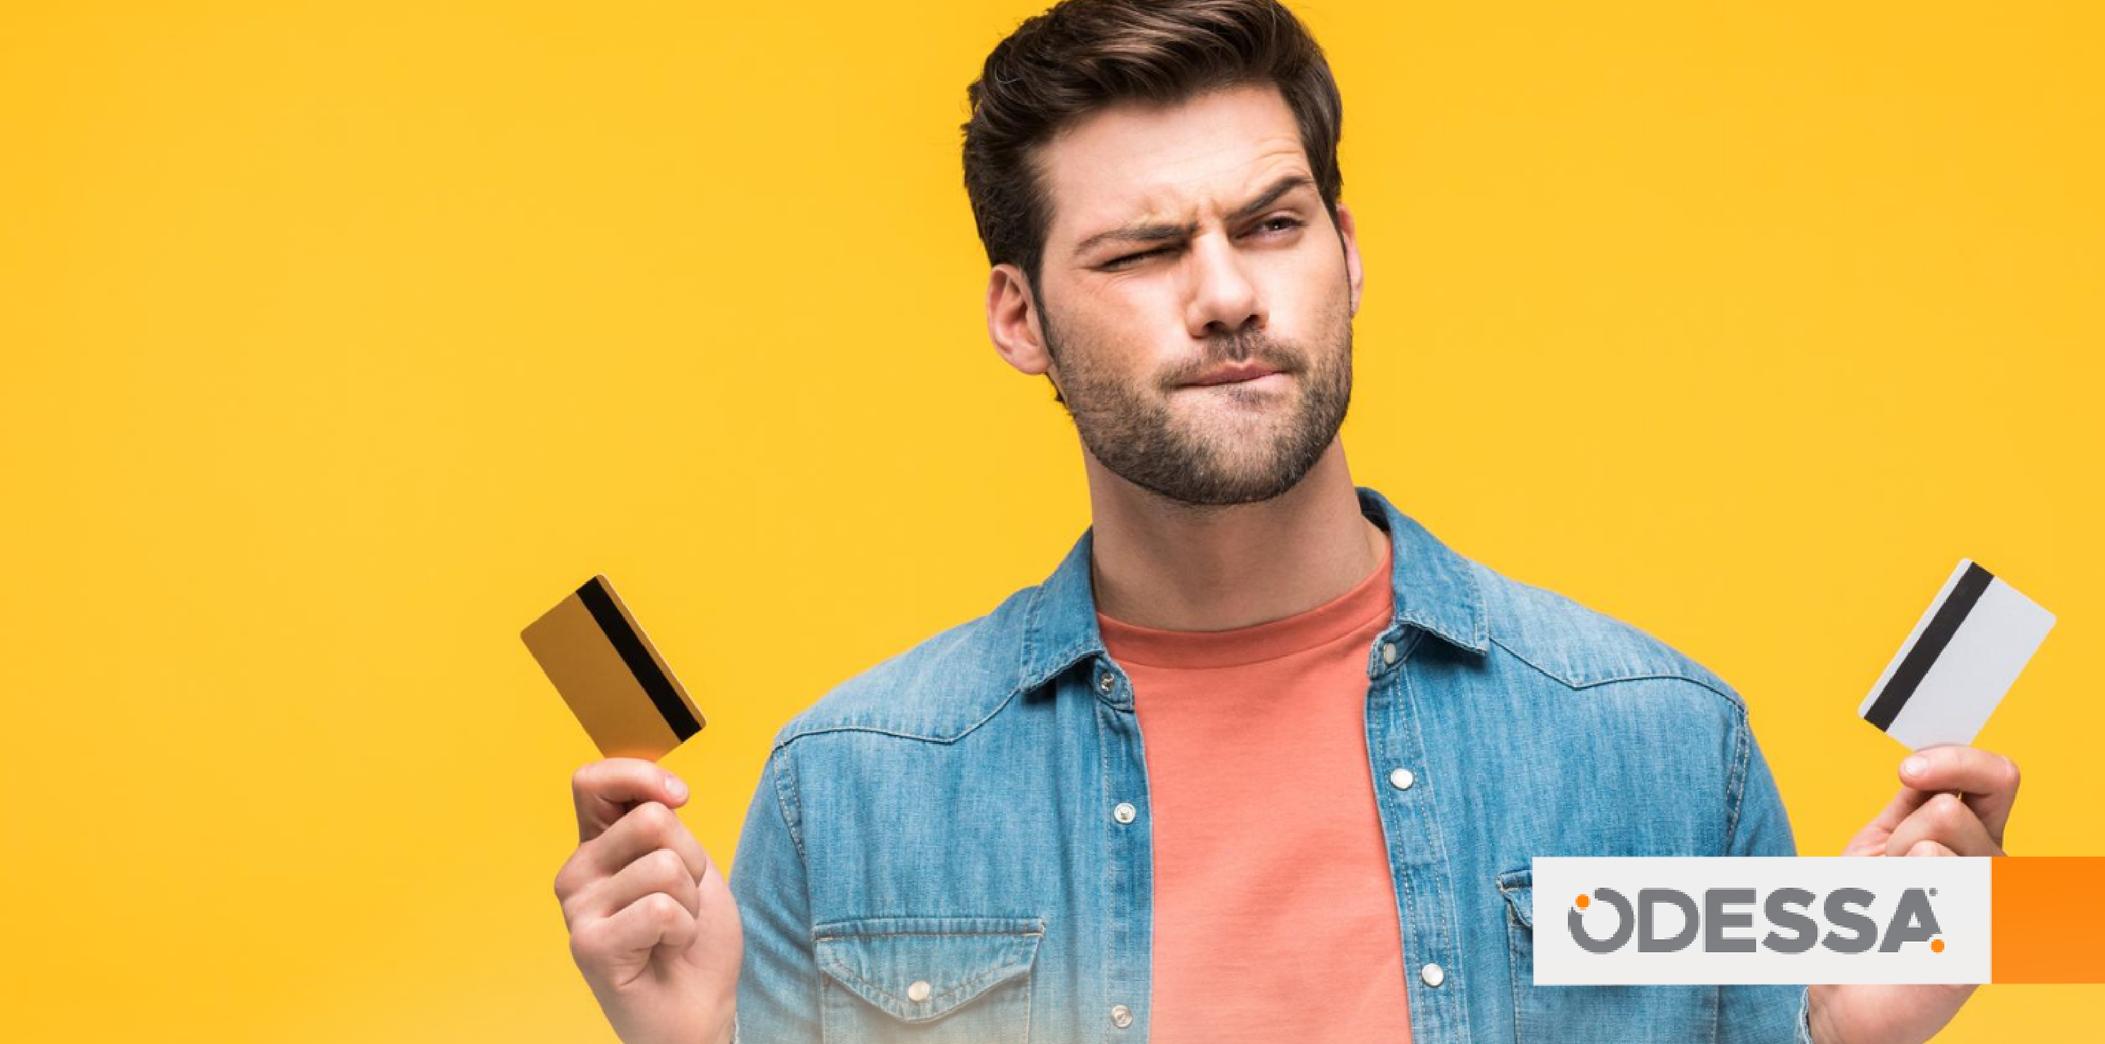 ¿Cómo usar una tarjeta de crédito y no endeudarse?